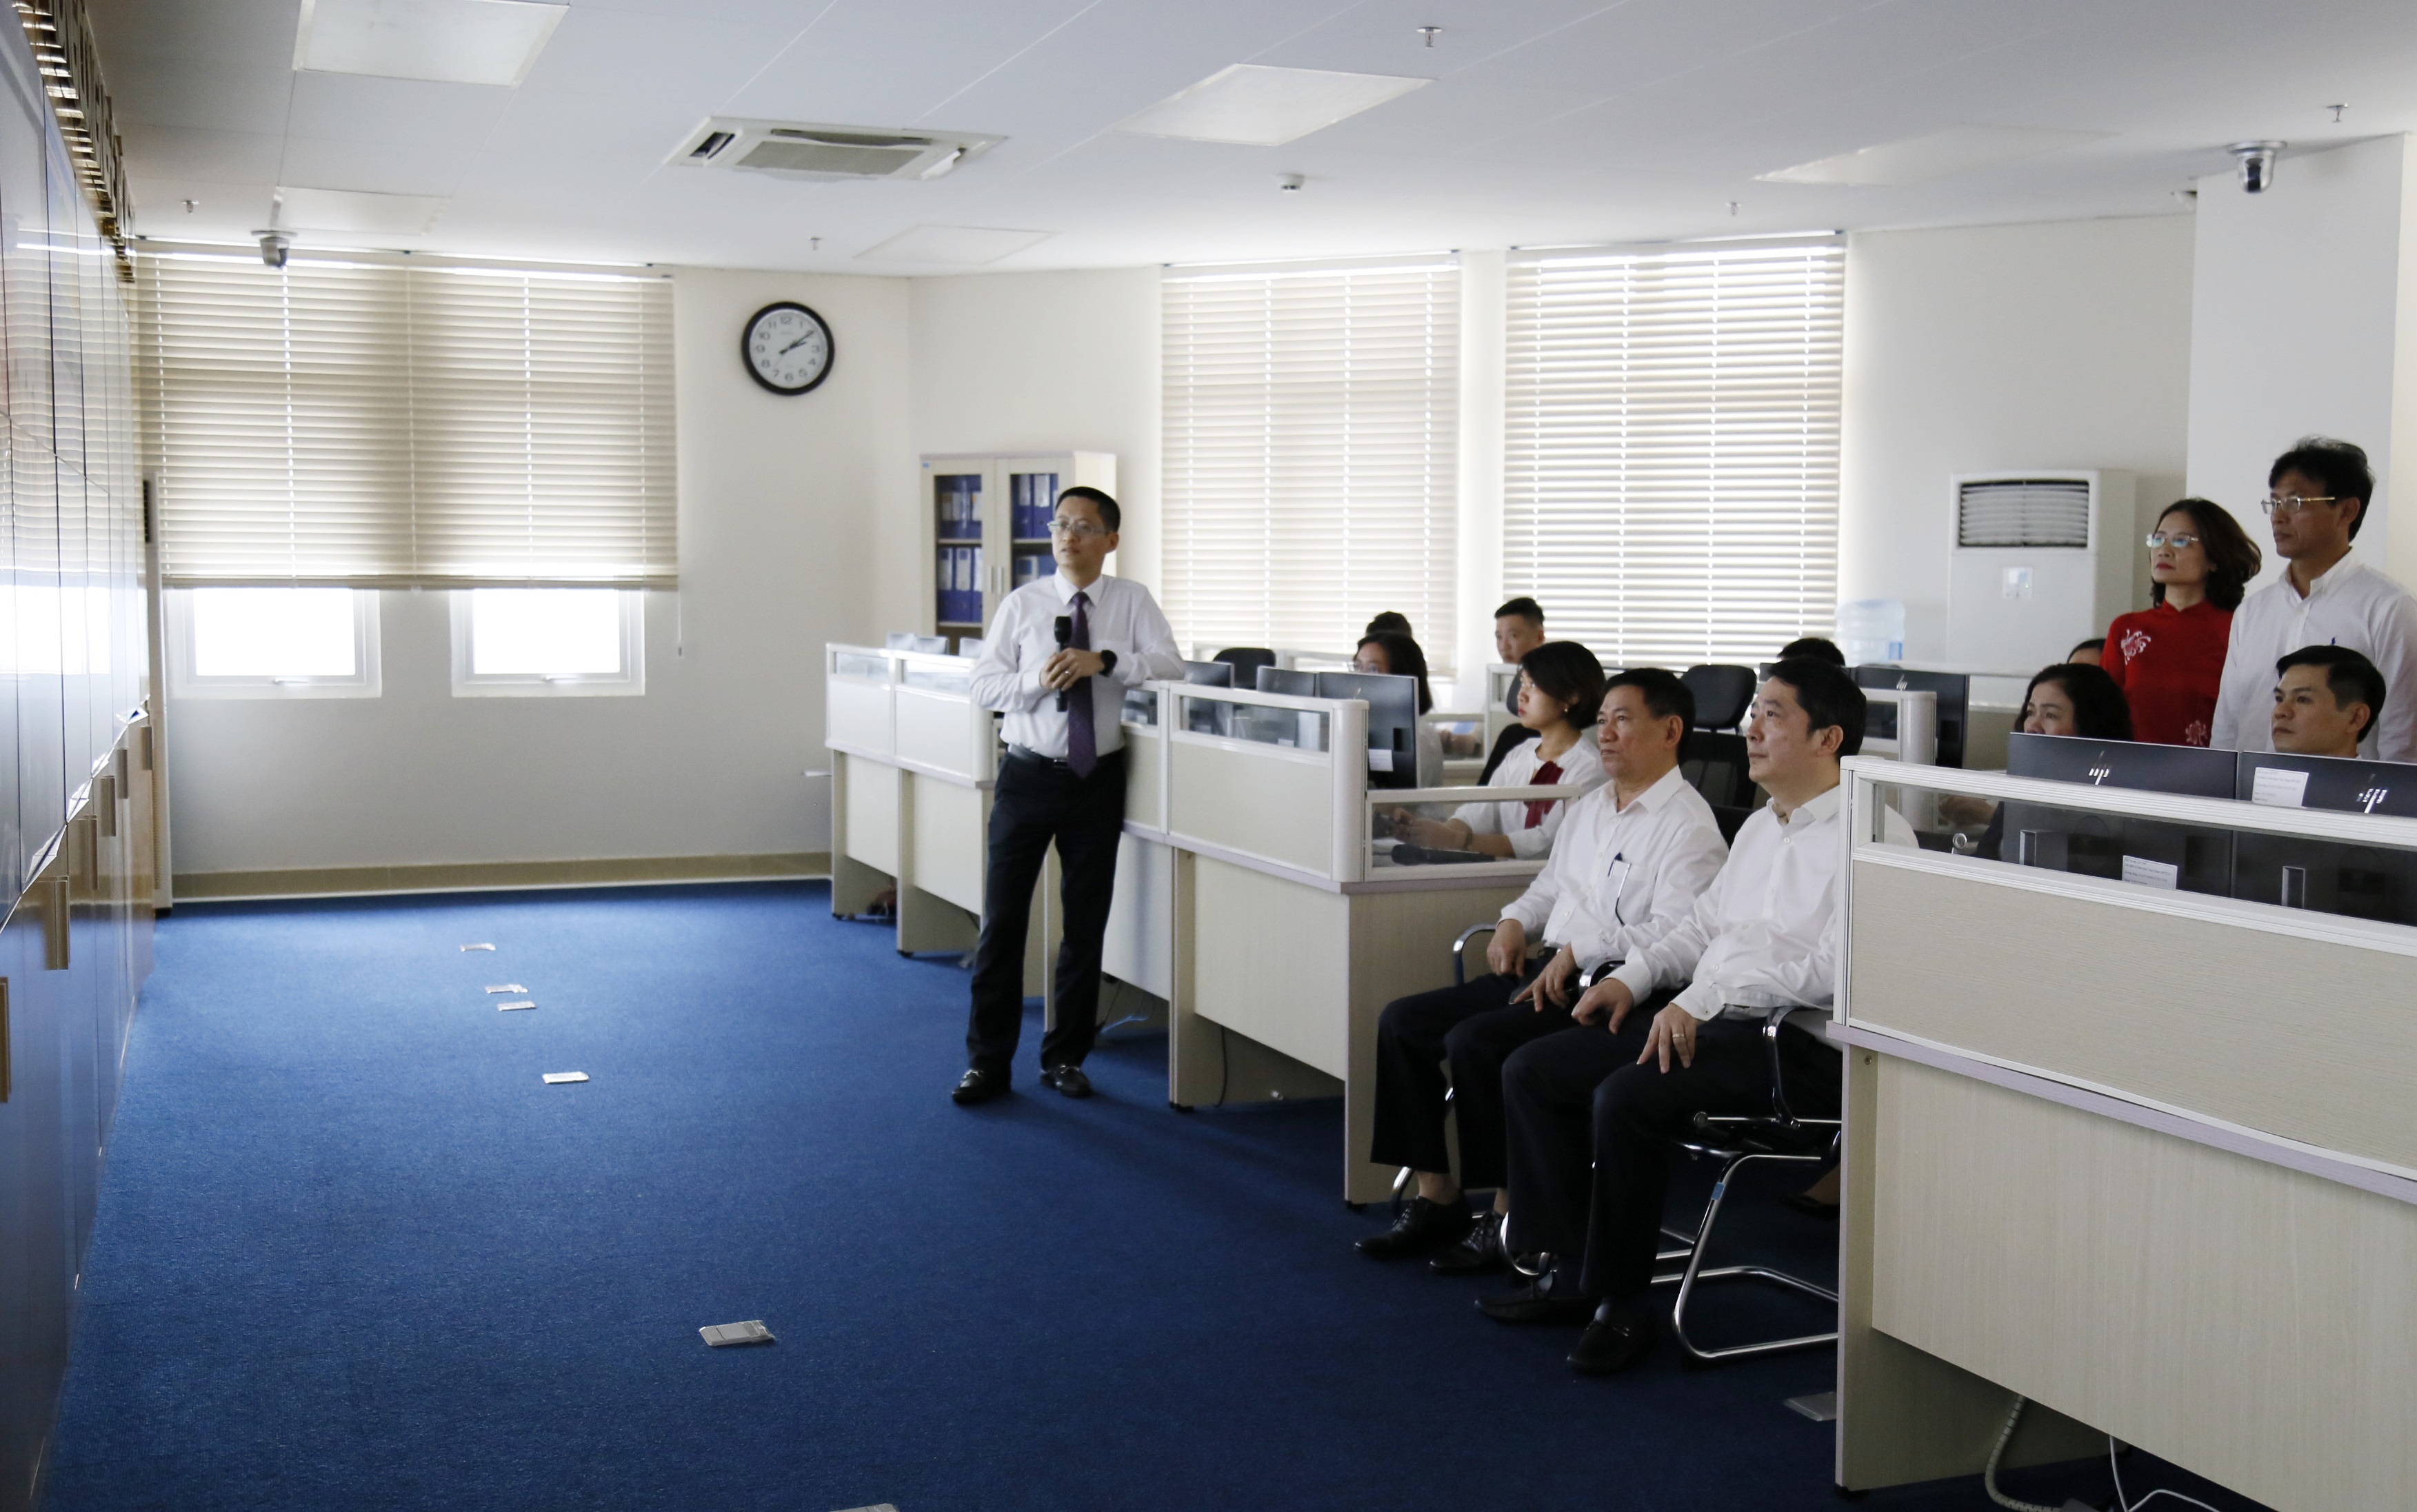 Bộ trưởng Hồ Đức Phớc nghe giới thiệu về hoạt động của Trung tâm Giám sát hệ thống công nghệ thông tin Tổng cục Thuế.